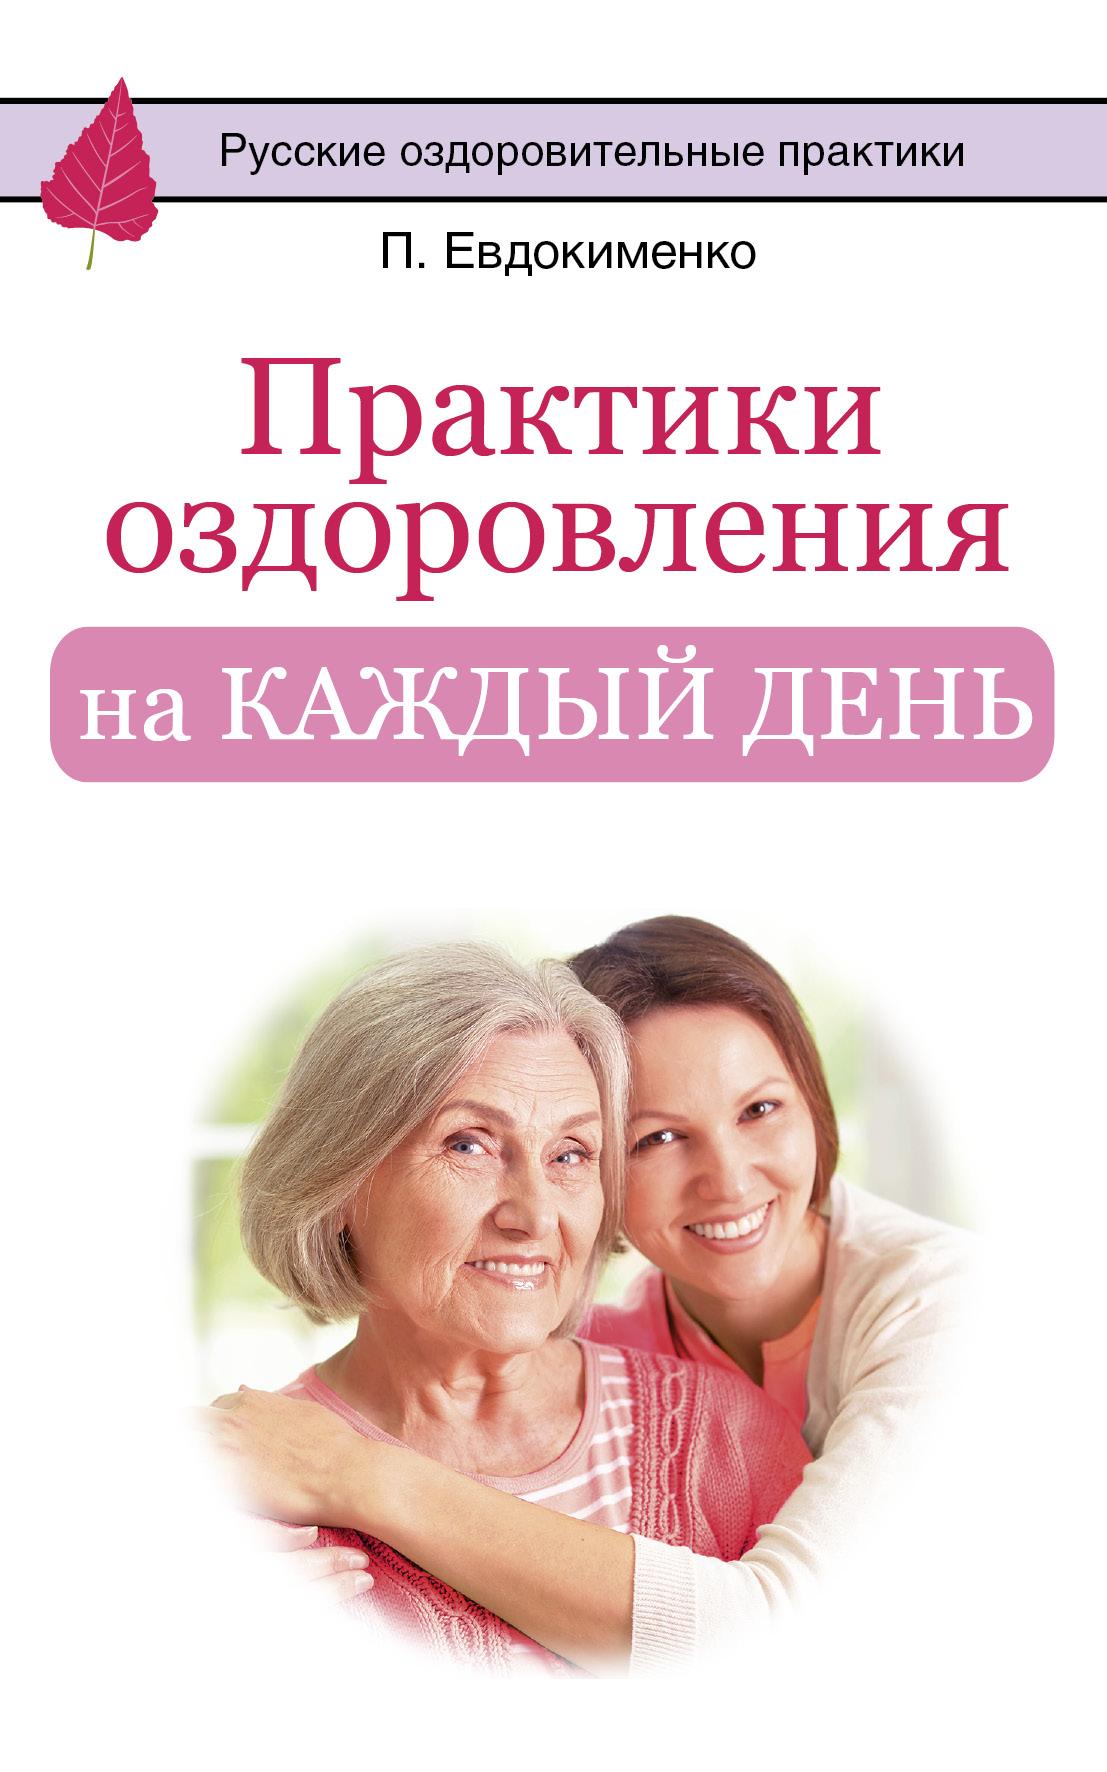 П. Евдокименко Практики оздоровления на каждый день дамиров м олейникова о майорова о генитальный эндометриоз взгляд практикующего врача